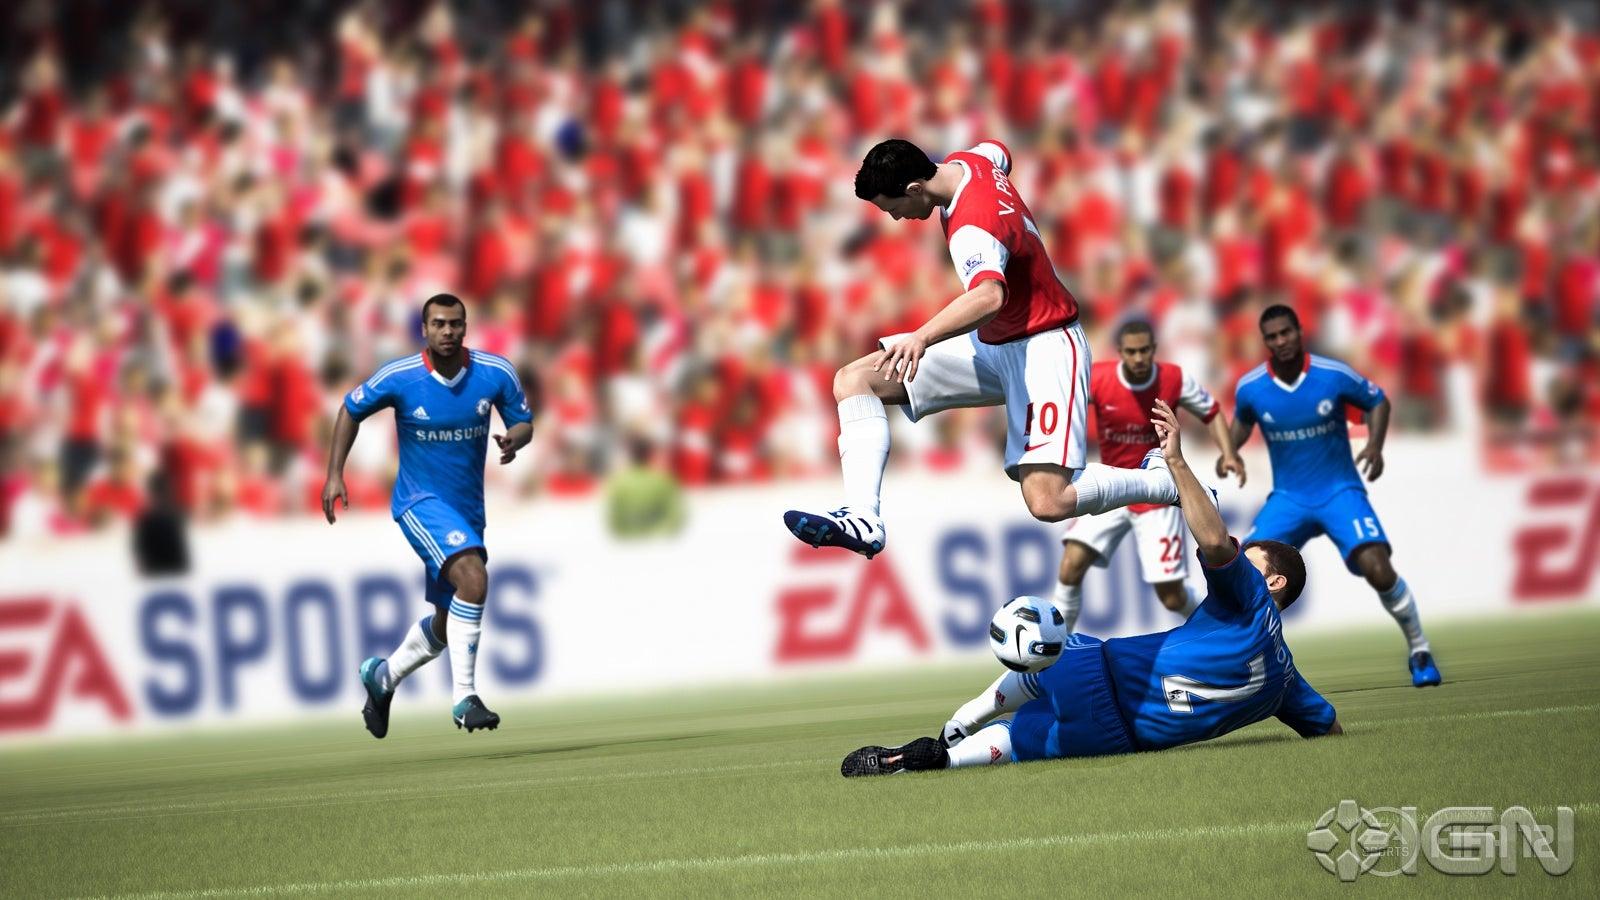 اجمل صور للعبة فيفا 2012 رااااااائعة Fifa-soccer-12-20110526035951988